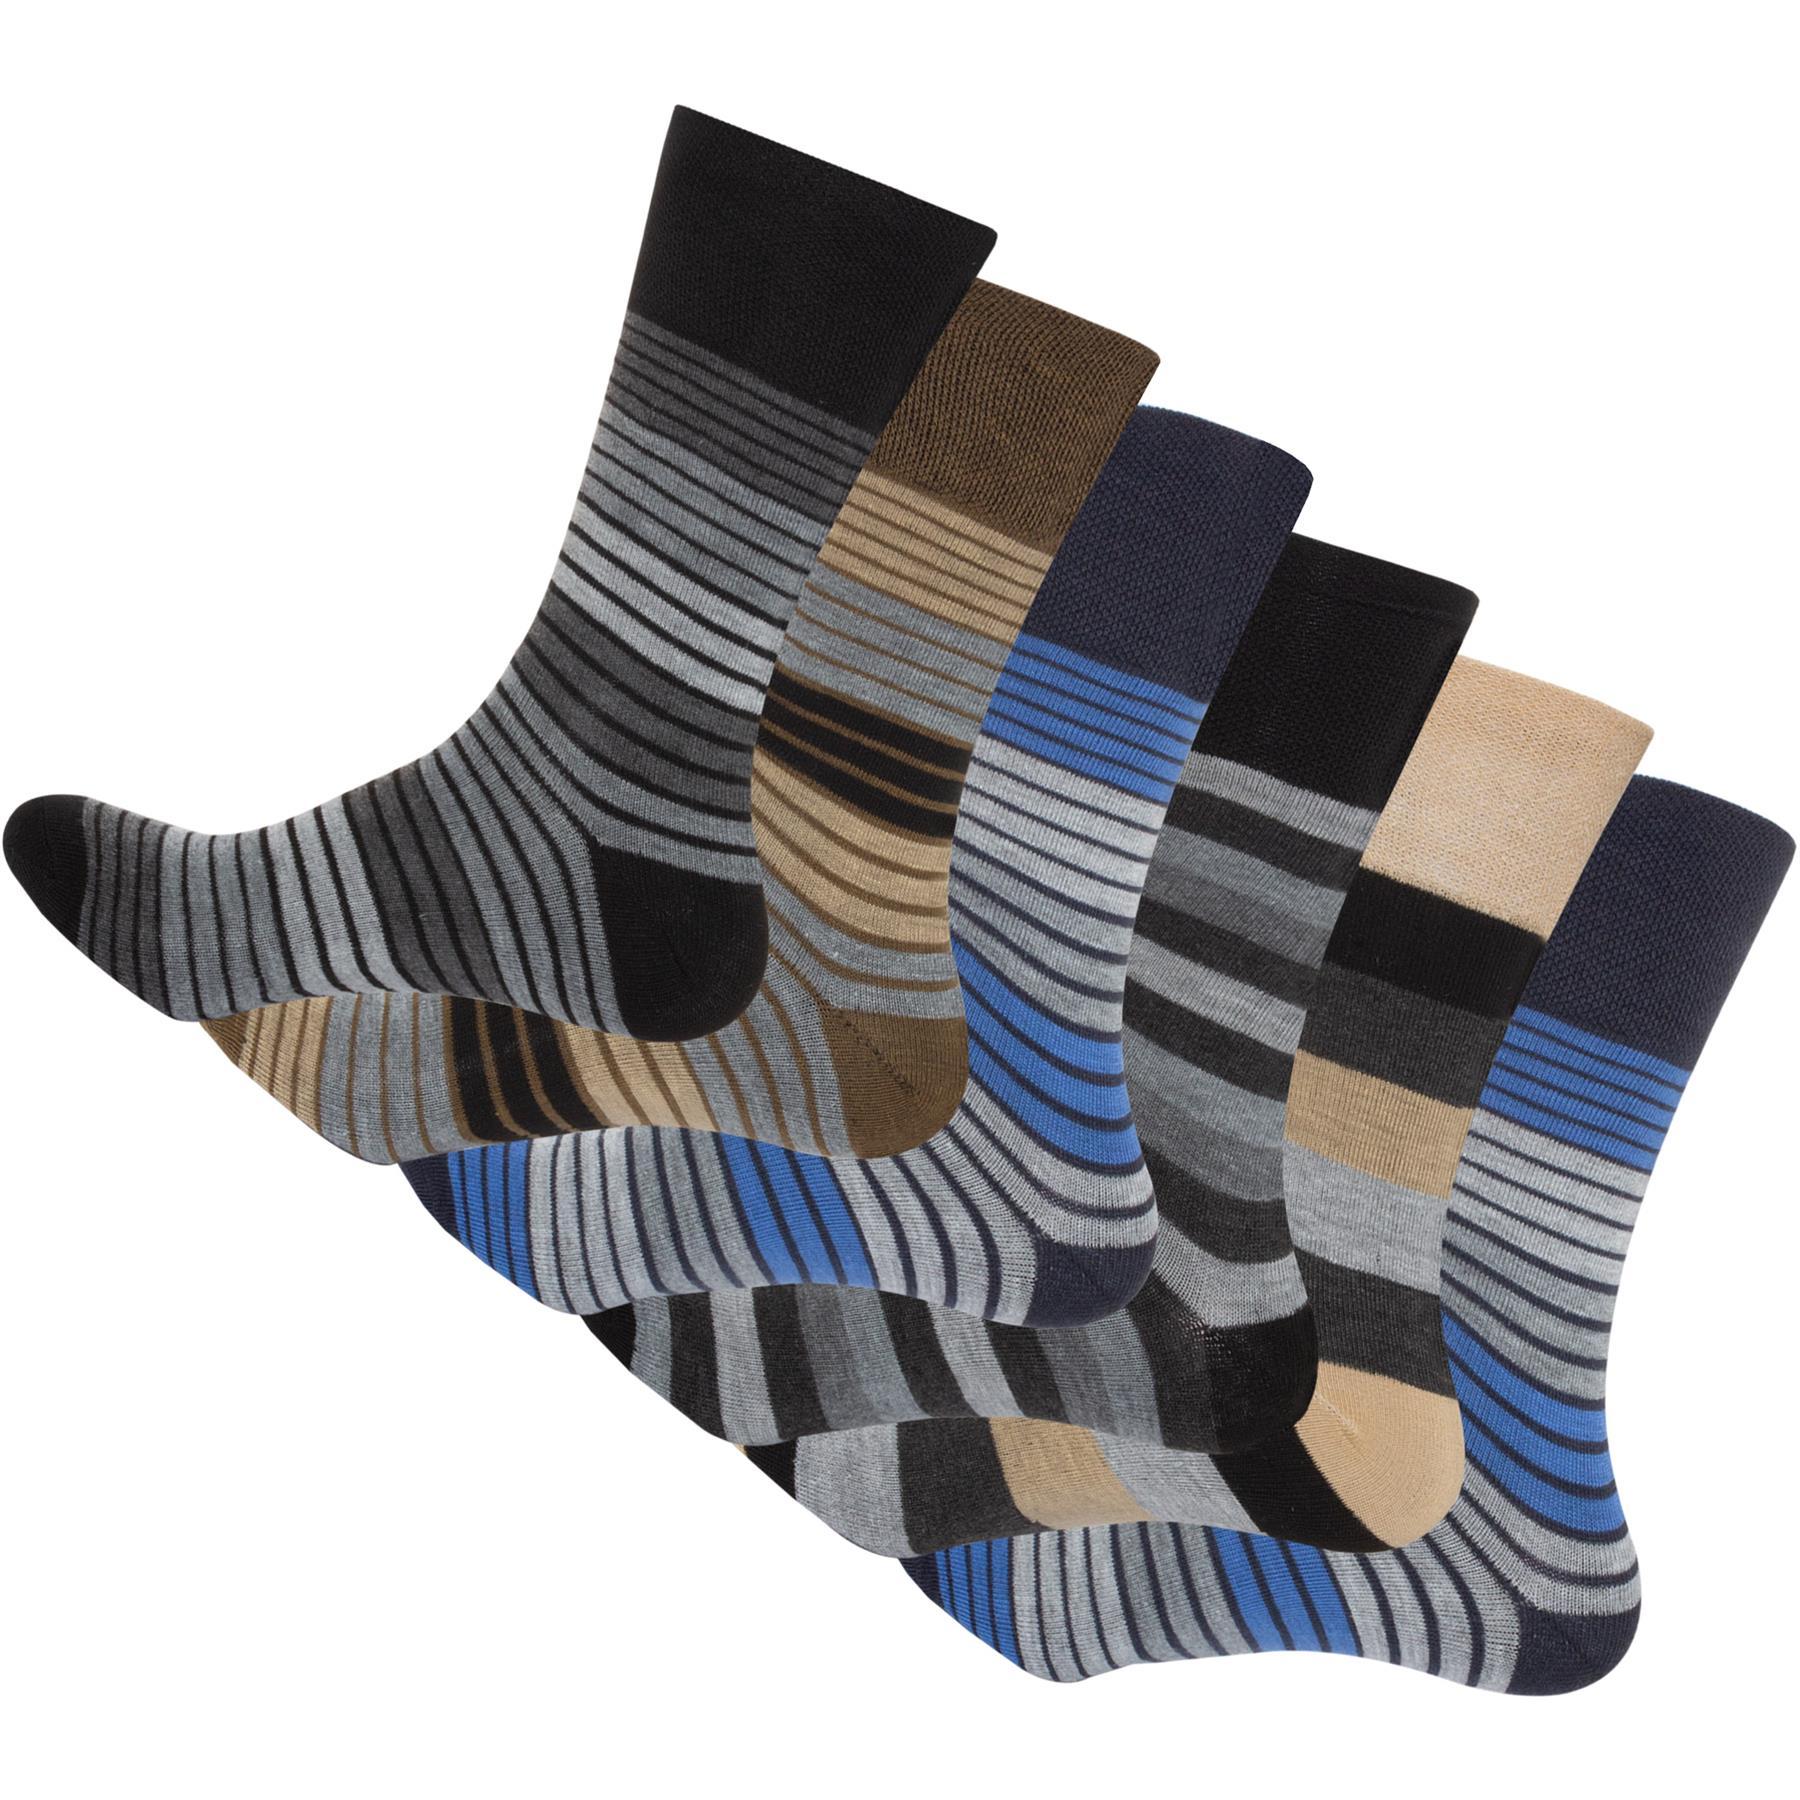 6 /& 12 Pairs Mens Non Elastic Diabetic Socks Comfort Soft Adults Sock 6-11 UK